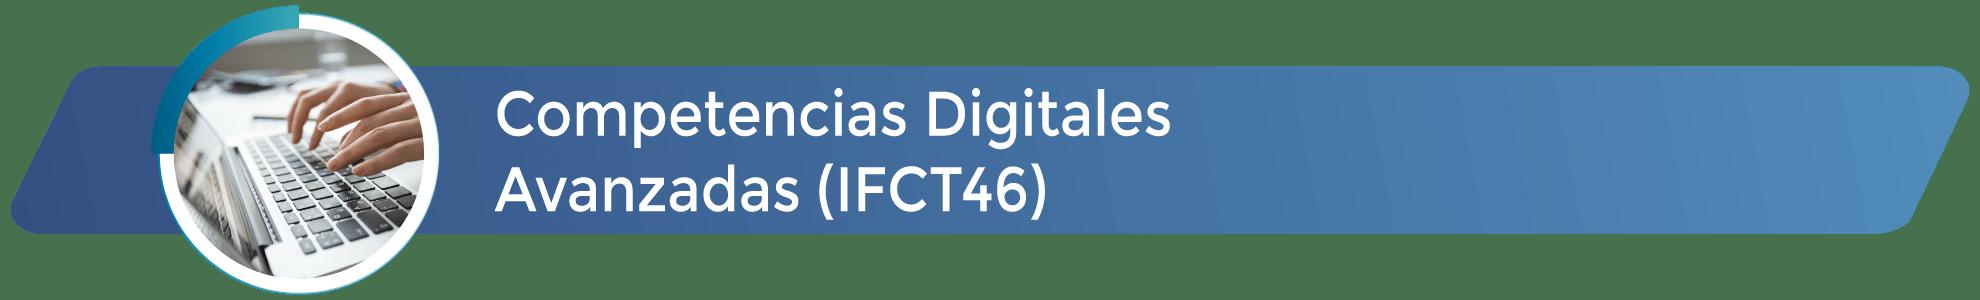 IFCT46 - Competencias digitales avanzadas